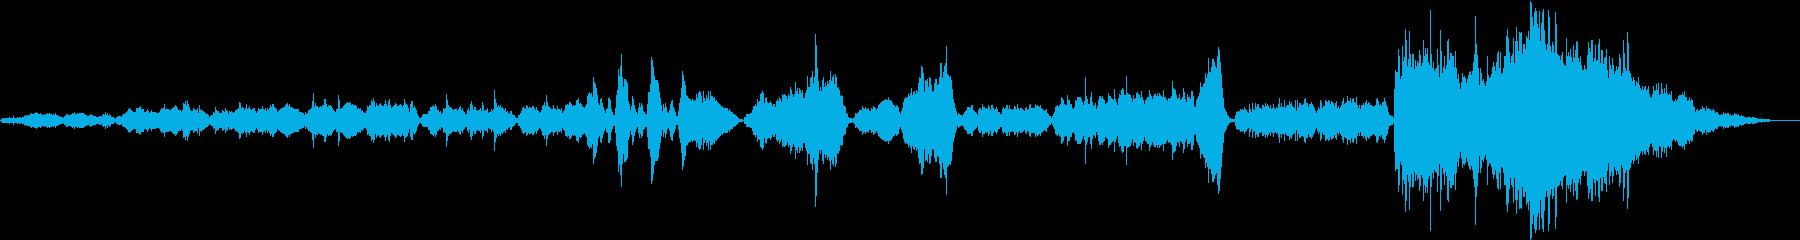 幻想的なムーンライトセレナーデの再生済みの波形